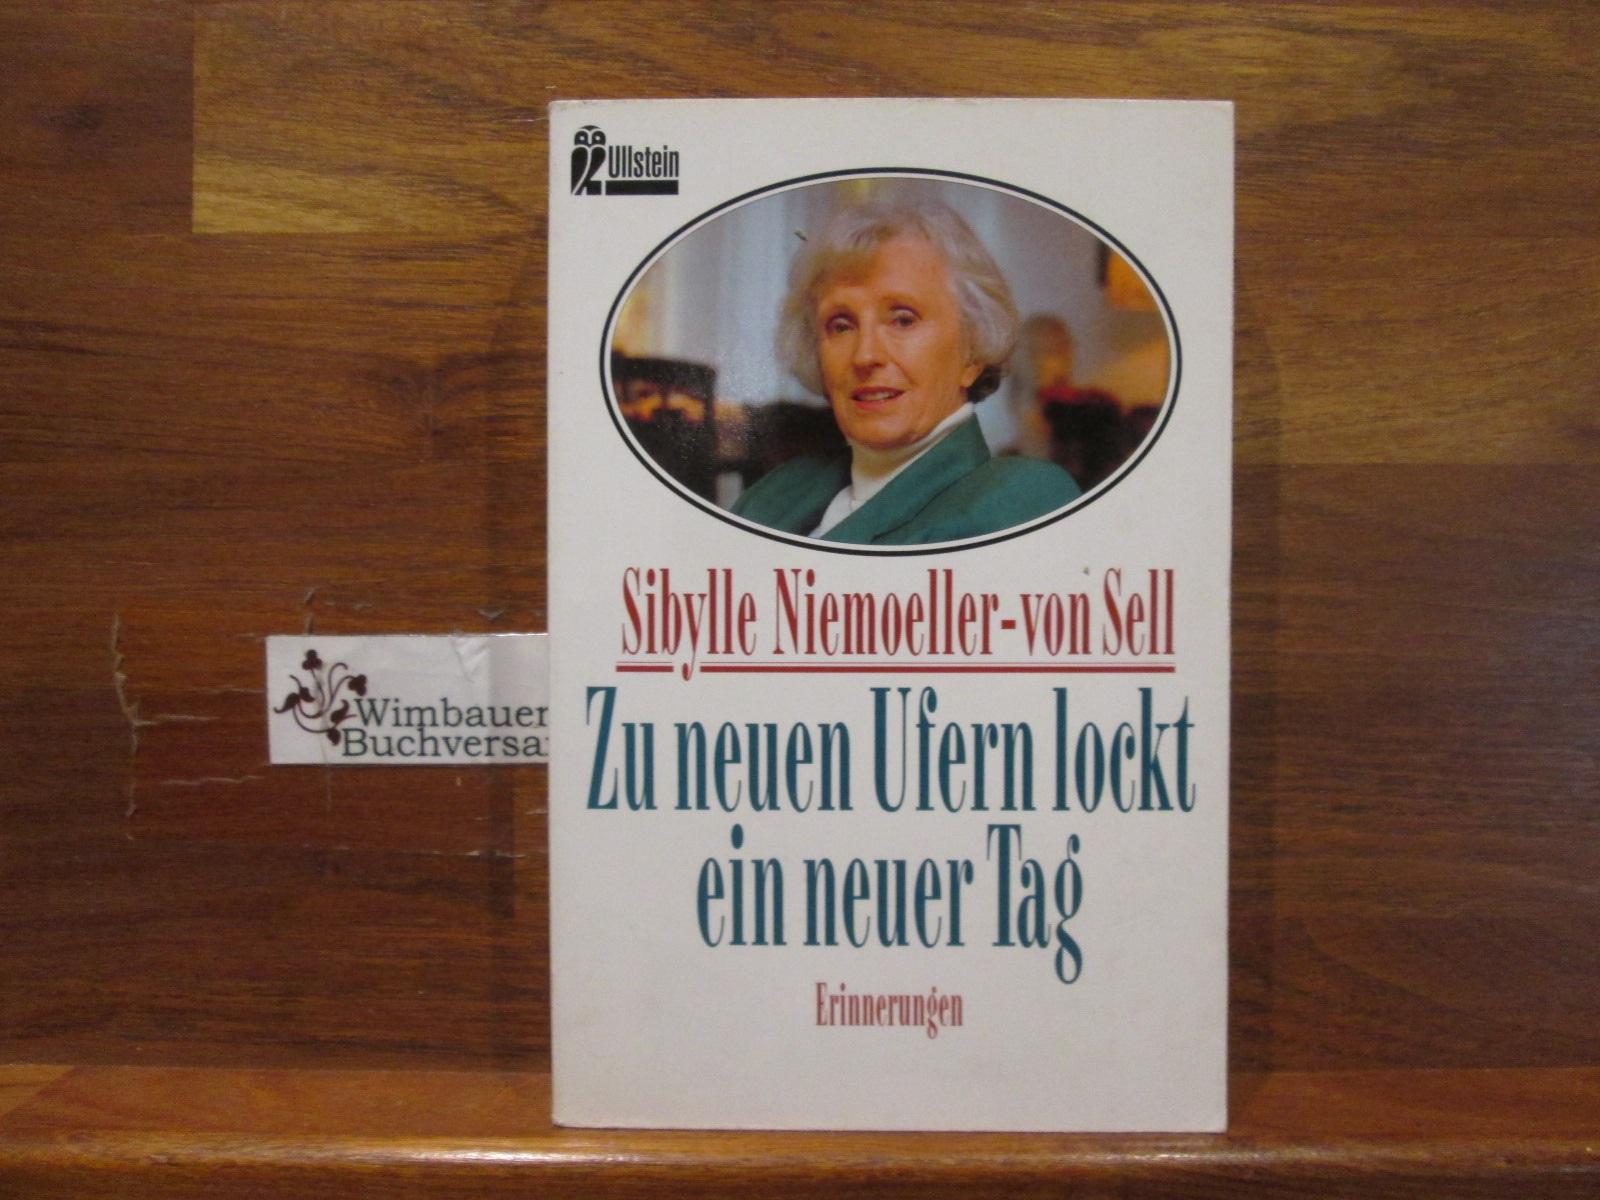 Erinnerungen; Teil: 2., Zu neuen Ufern lockt ein neuer Tag. Ullstein ; Nr. 35578 Ungekürzte Ausg.